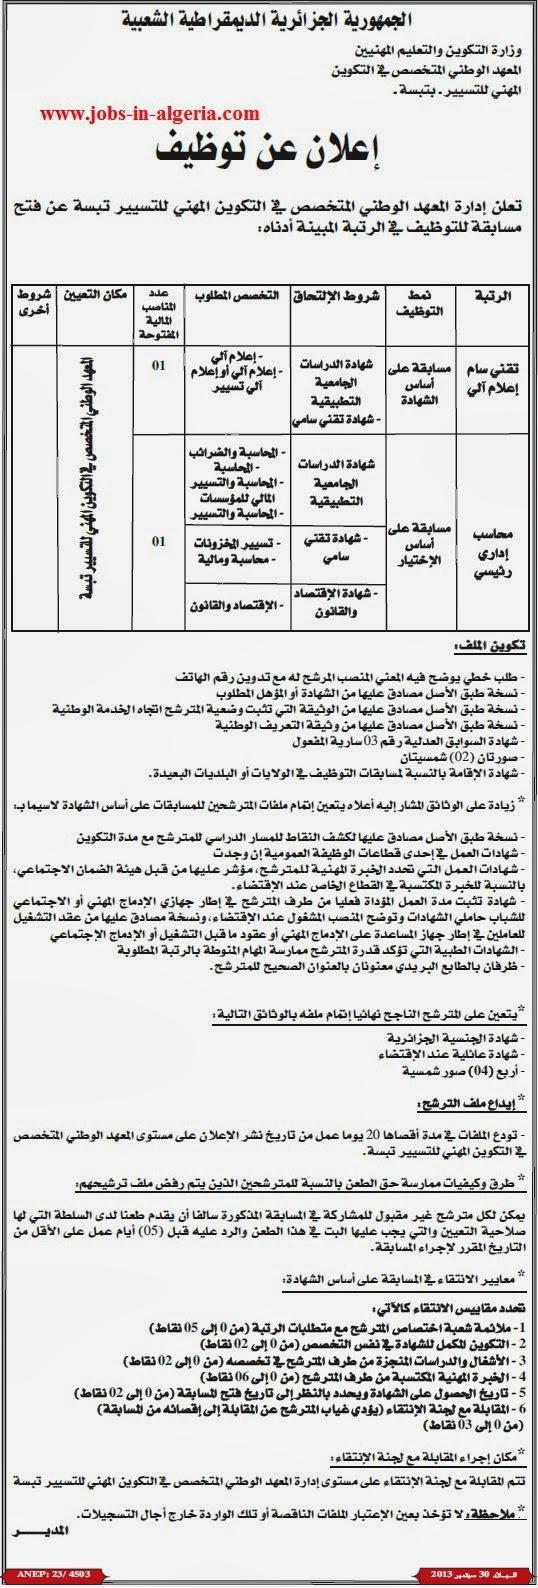 مسابقة توظيف في المعهد الوطني المتخصص في التكوين المهني للتسيير تبسة سبتمبر 2013 la fonction publique en algerie Emploi+a+tebessa+2013-2014